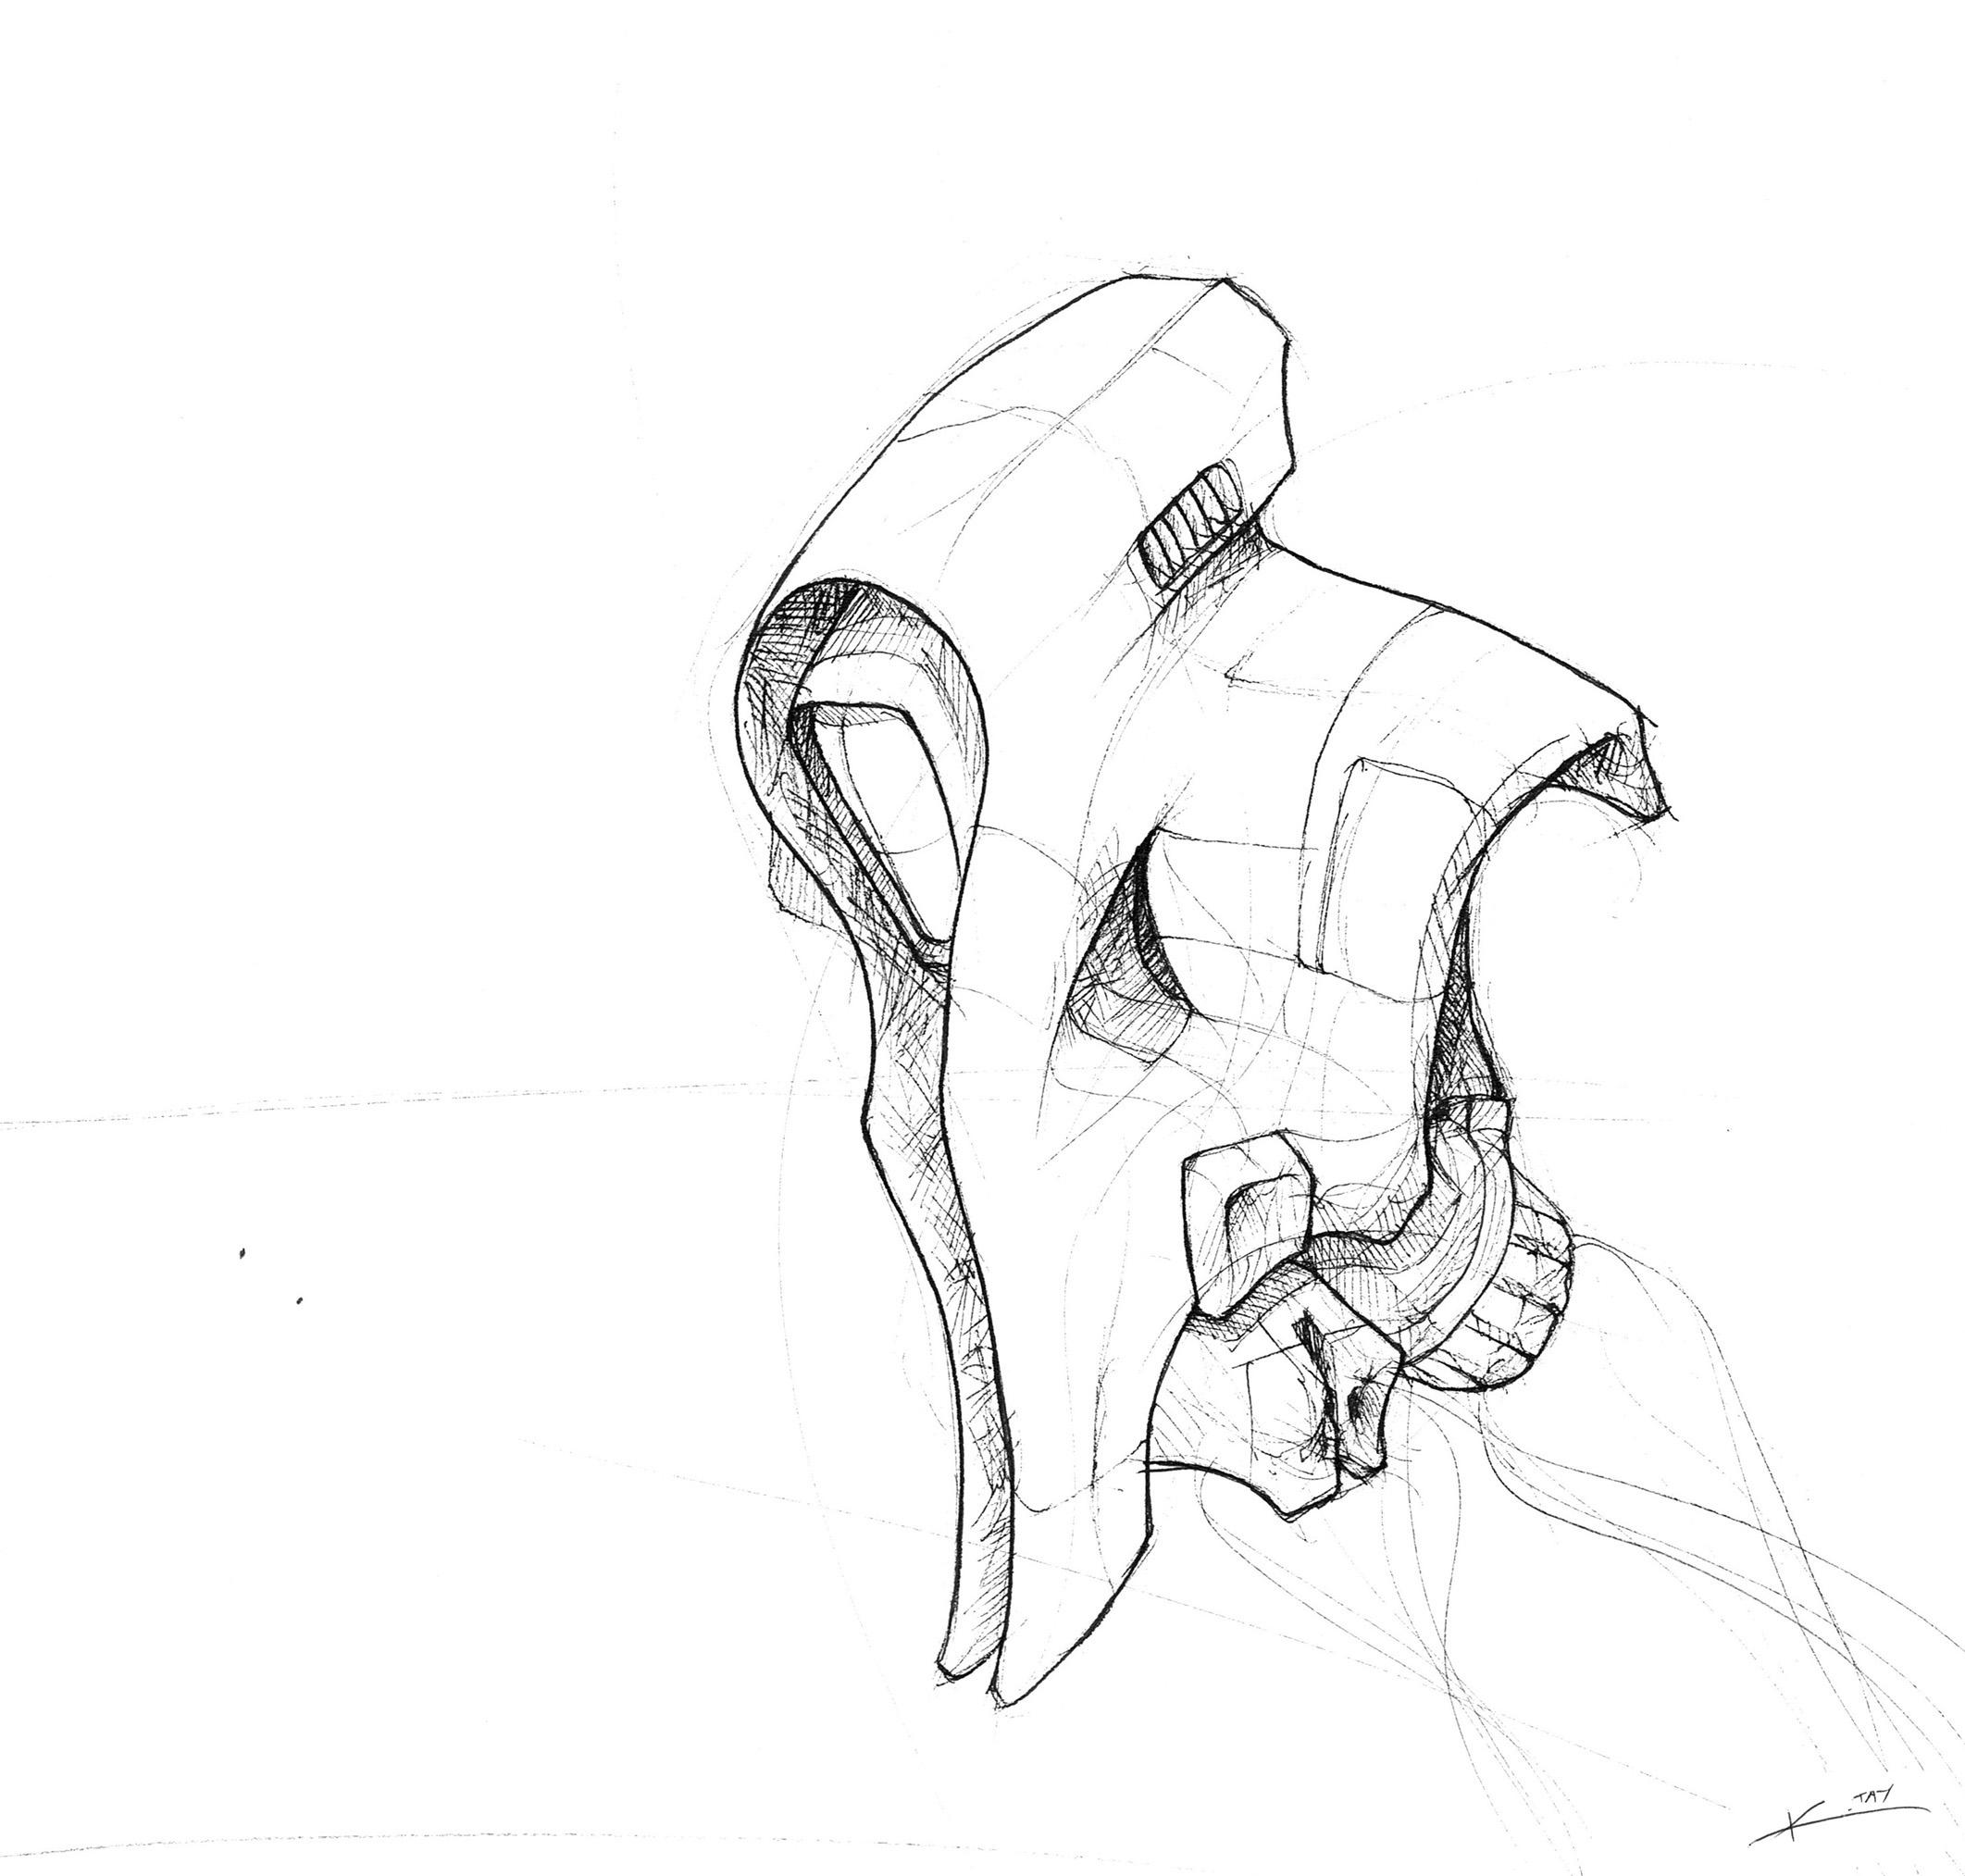 Vis5 Wk9 Sketches 1b web.jpg